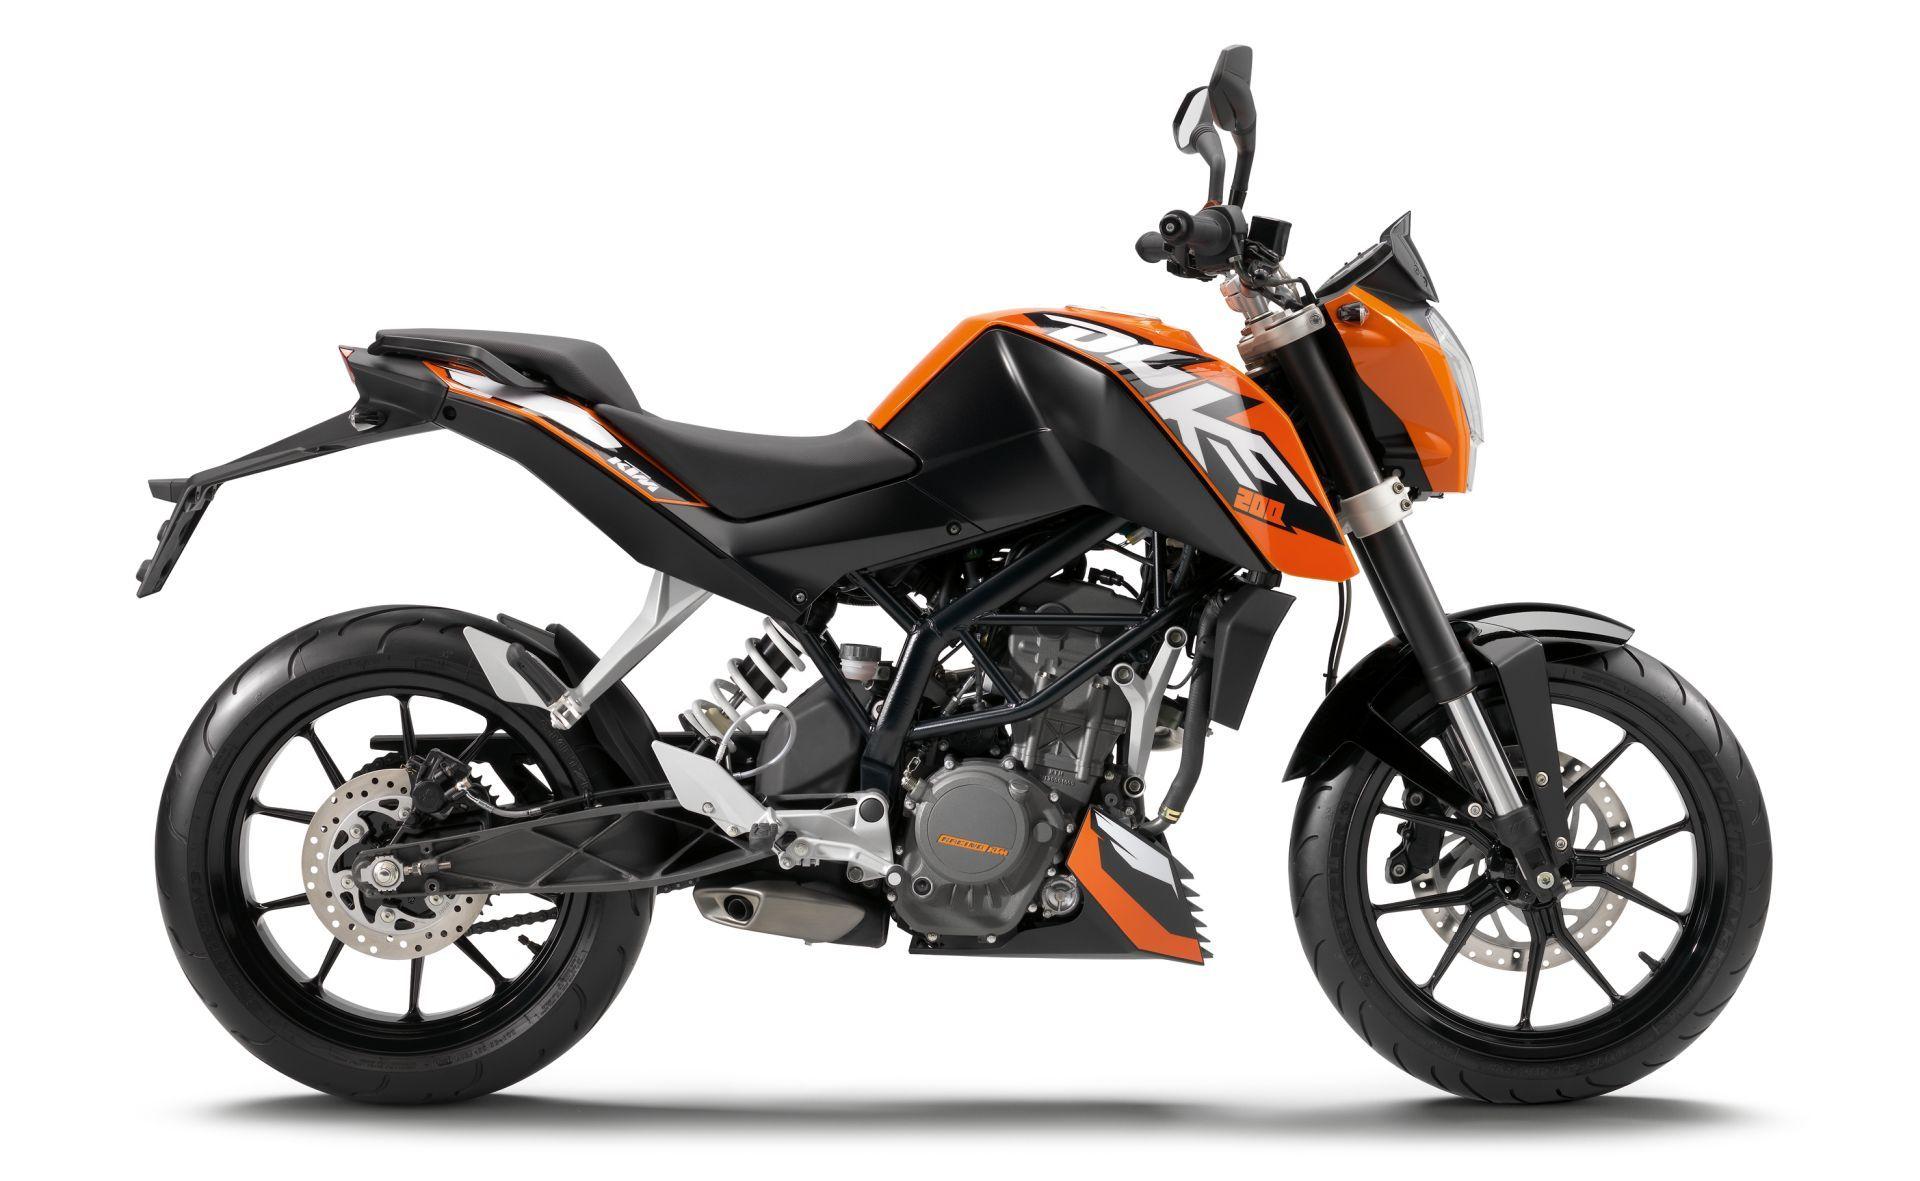 Ktm Duke 200 Bmw Honda Nepal